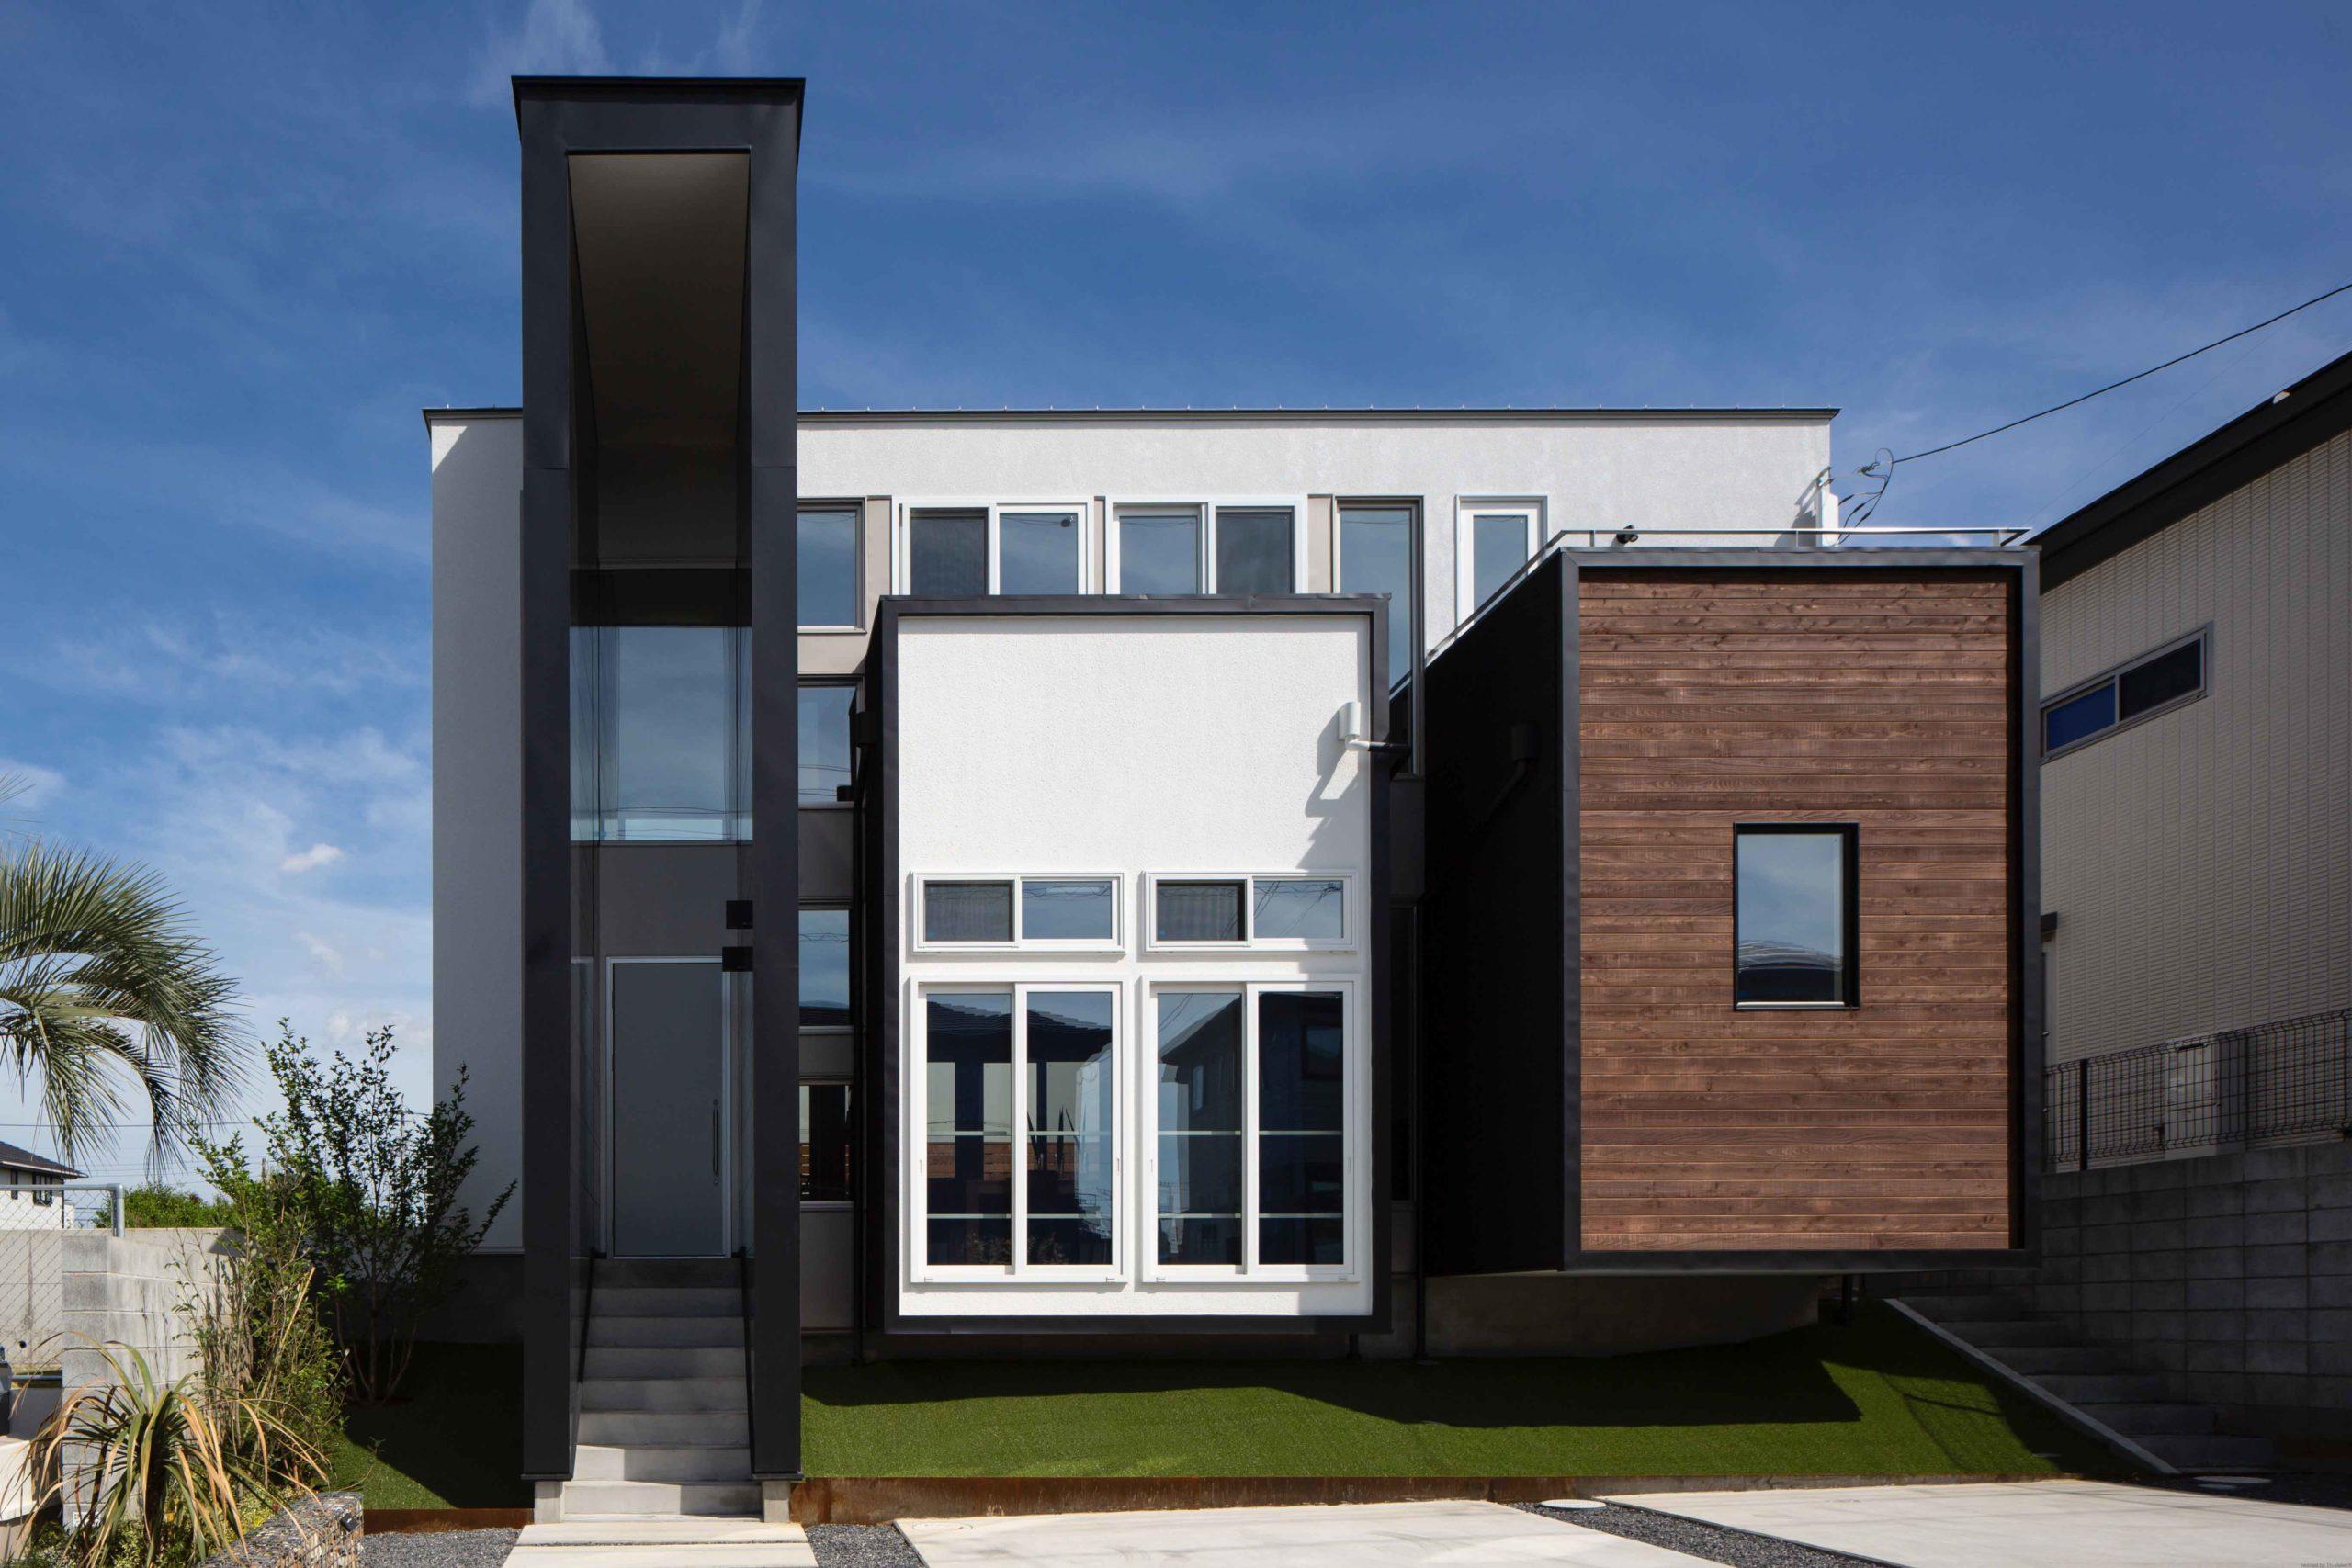 ボックスを複合させた新たな構成方法で、R+houseの次なるデザインを提案03